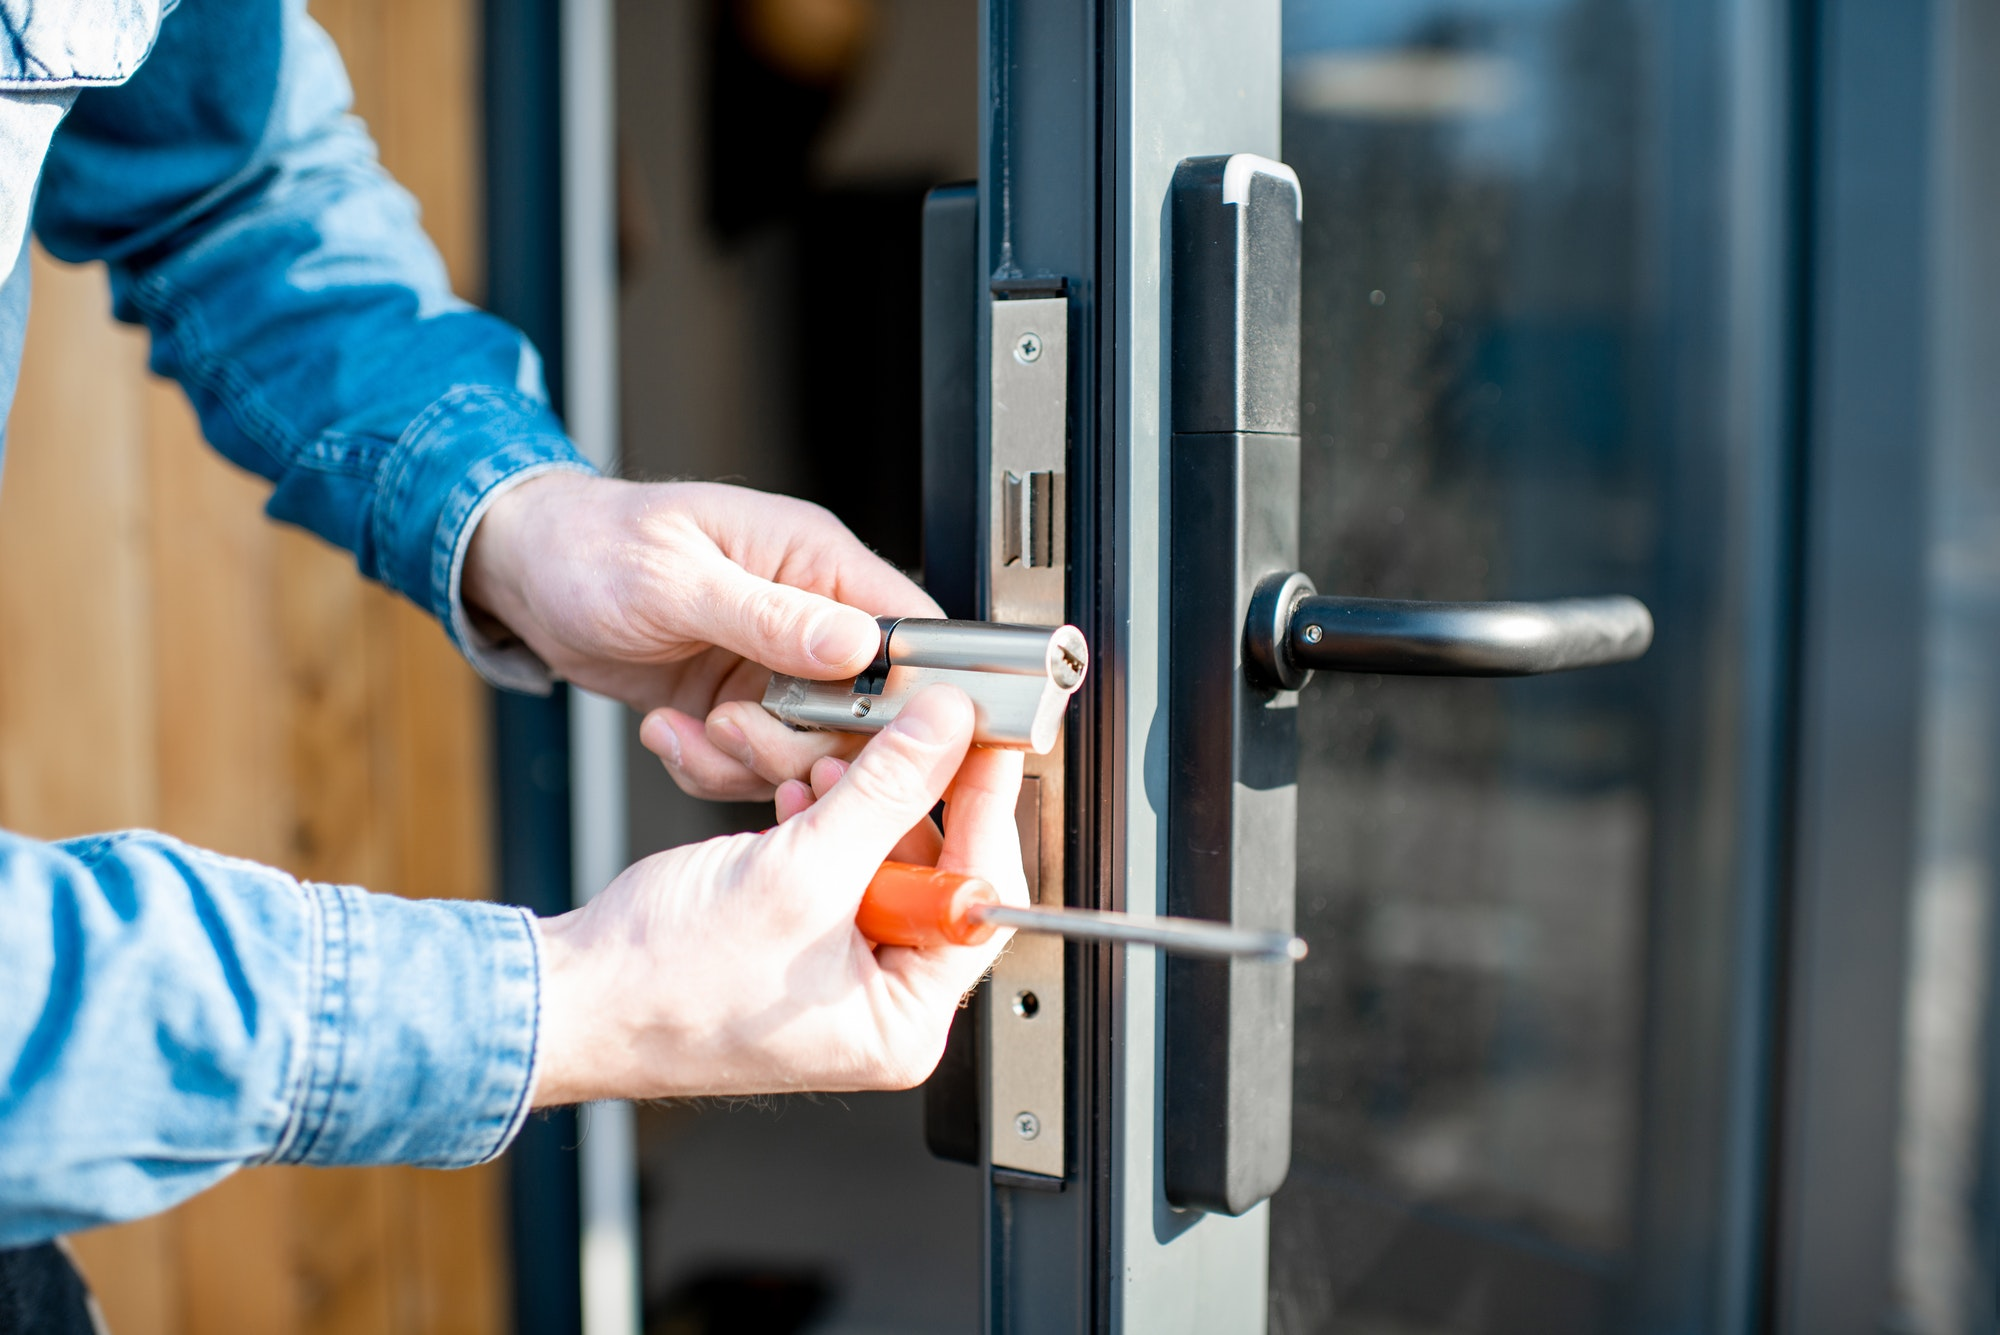 Montering af lås og oplukning af lås